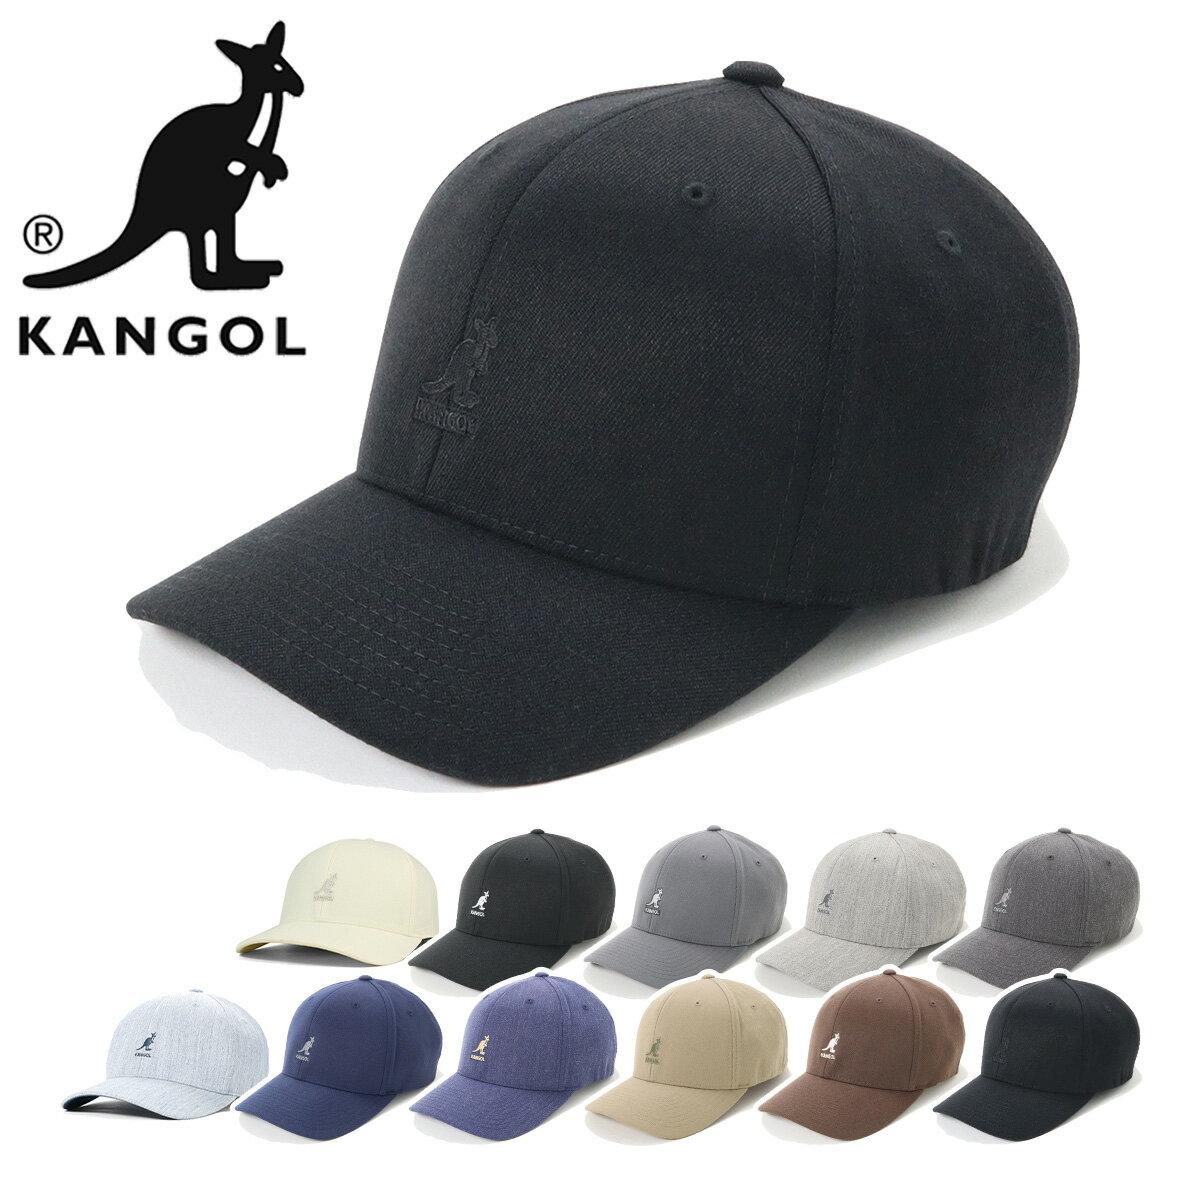 カンゴール キャップ ベースボール ウール フレックスフィット KANGOL 帽子 ブラック ぼうし 黒 おしゃれ ストリート ブランド シンプル 無地 ローキャップ メンズ帽子 レディース帽子 メンズキャップ レディースキャップ